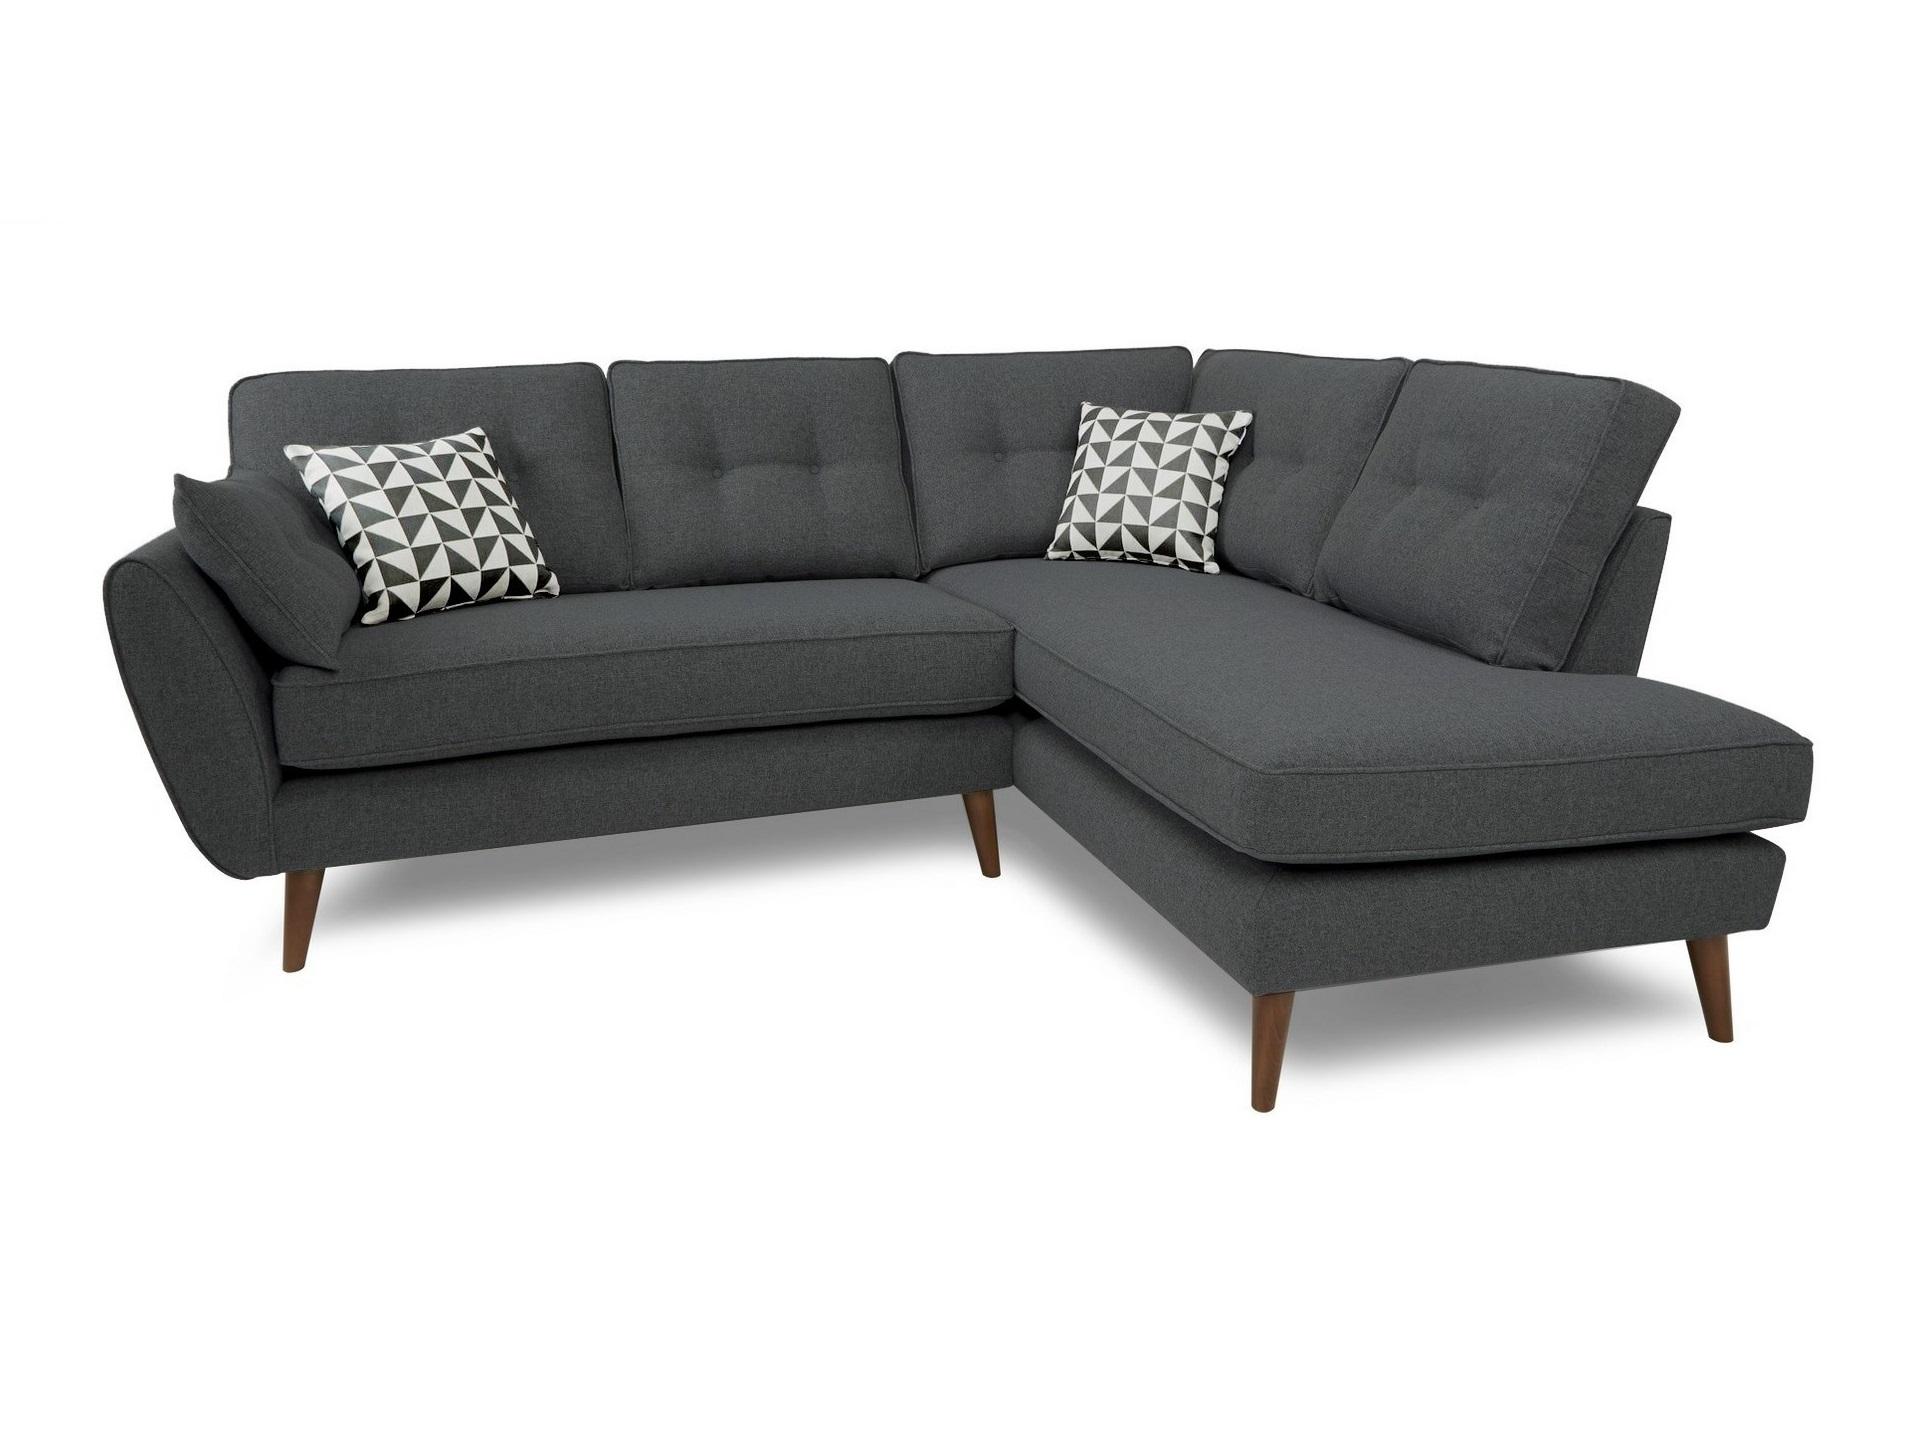 Угловой диван VogueУгловые диваны<br>Современный диван с легким намеком на &amp;quot;ретро&amp;quot; идеально подойдет для городских квартир. У него скругленные подлокотники, упругие подушки и как раз та длина, чтобы вы могли вытянуться в полный рост. &amp;amp;nbsp;Но благодаря высоким ножкам &amp;quot;Vogue&amp;quot; выглядит лаконично и элегантно.&amp;lt;div&amp;gt;&amp;lt;br&amp;gt;&amp;lt;/div&amp;gt;&amp;lt;div&amp;gt;Корпус: фанера, брус&amp;lt;div&amp;gt;Ткань 100% полиэстер, 30-50 000 циклов&amp;lt;/div&amp;gt;&amp;lt;div&amp;gt;Ширина сторон: 227х182 см&amp;lt;/div&amp;gt;&amp;lt;div&amp;gt;Ножки (Дерево)&amp;lt;/div&amp;gt;&amp;lt;div&amp;gt;&amp;lt;span style=&amp;quot;font-weight: 700;&amp;quot;&amp;gt;При заказе уточняйте сторону угла (левый или правый)!&amp;lt;/span&amp;gt;&amp;lt;/div&amp;gt;&amp;lt;div&amp;gt;Еcть возможность изготовления в другом материале обивки&amp;lt;/div&amp;gt;&amp;lt;/div&amp;gt;<br><br>Material: Текстиль<br>Ширина см: 227<br>Высота см: 88<br>Глубина см: 182